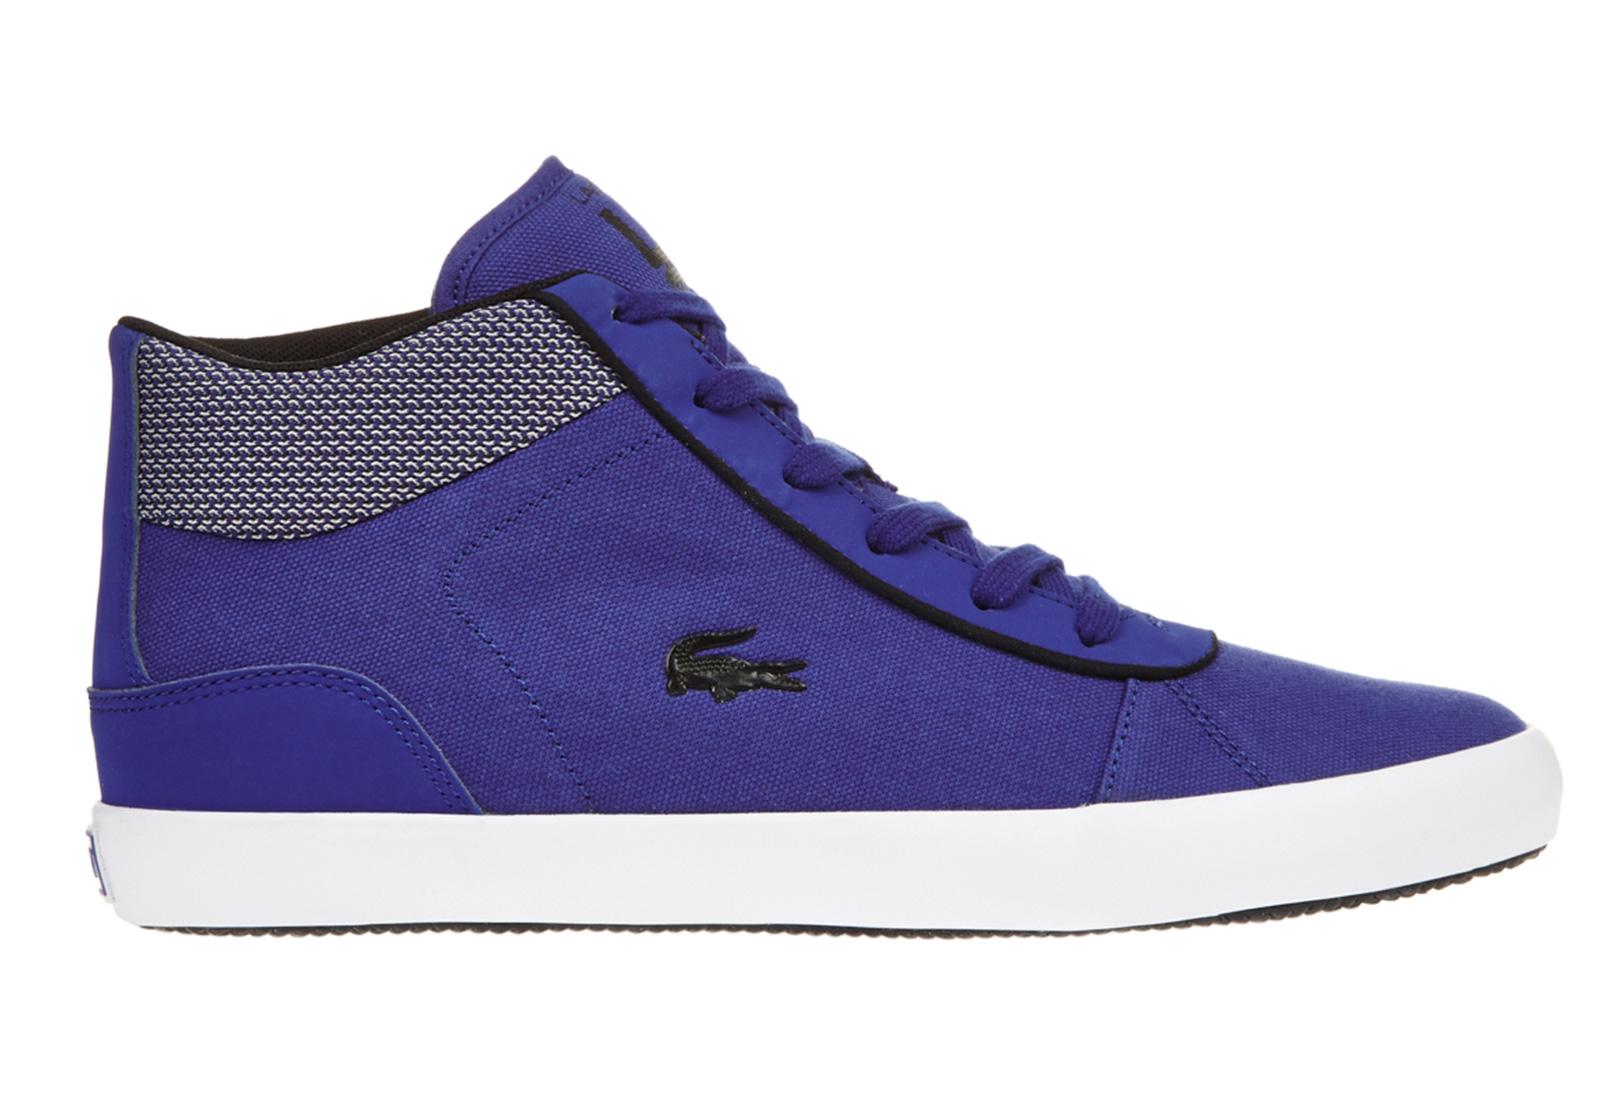 Lacoste Cipő - Lerond Mid Tcm - zx-scm24262n1 - Office Shoes ... 2ca96ce0a5